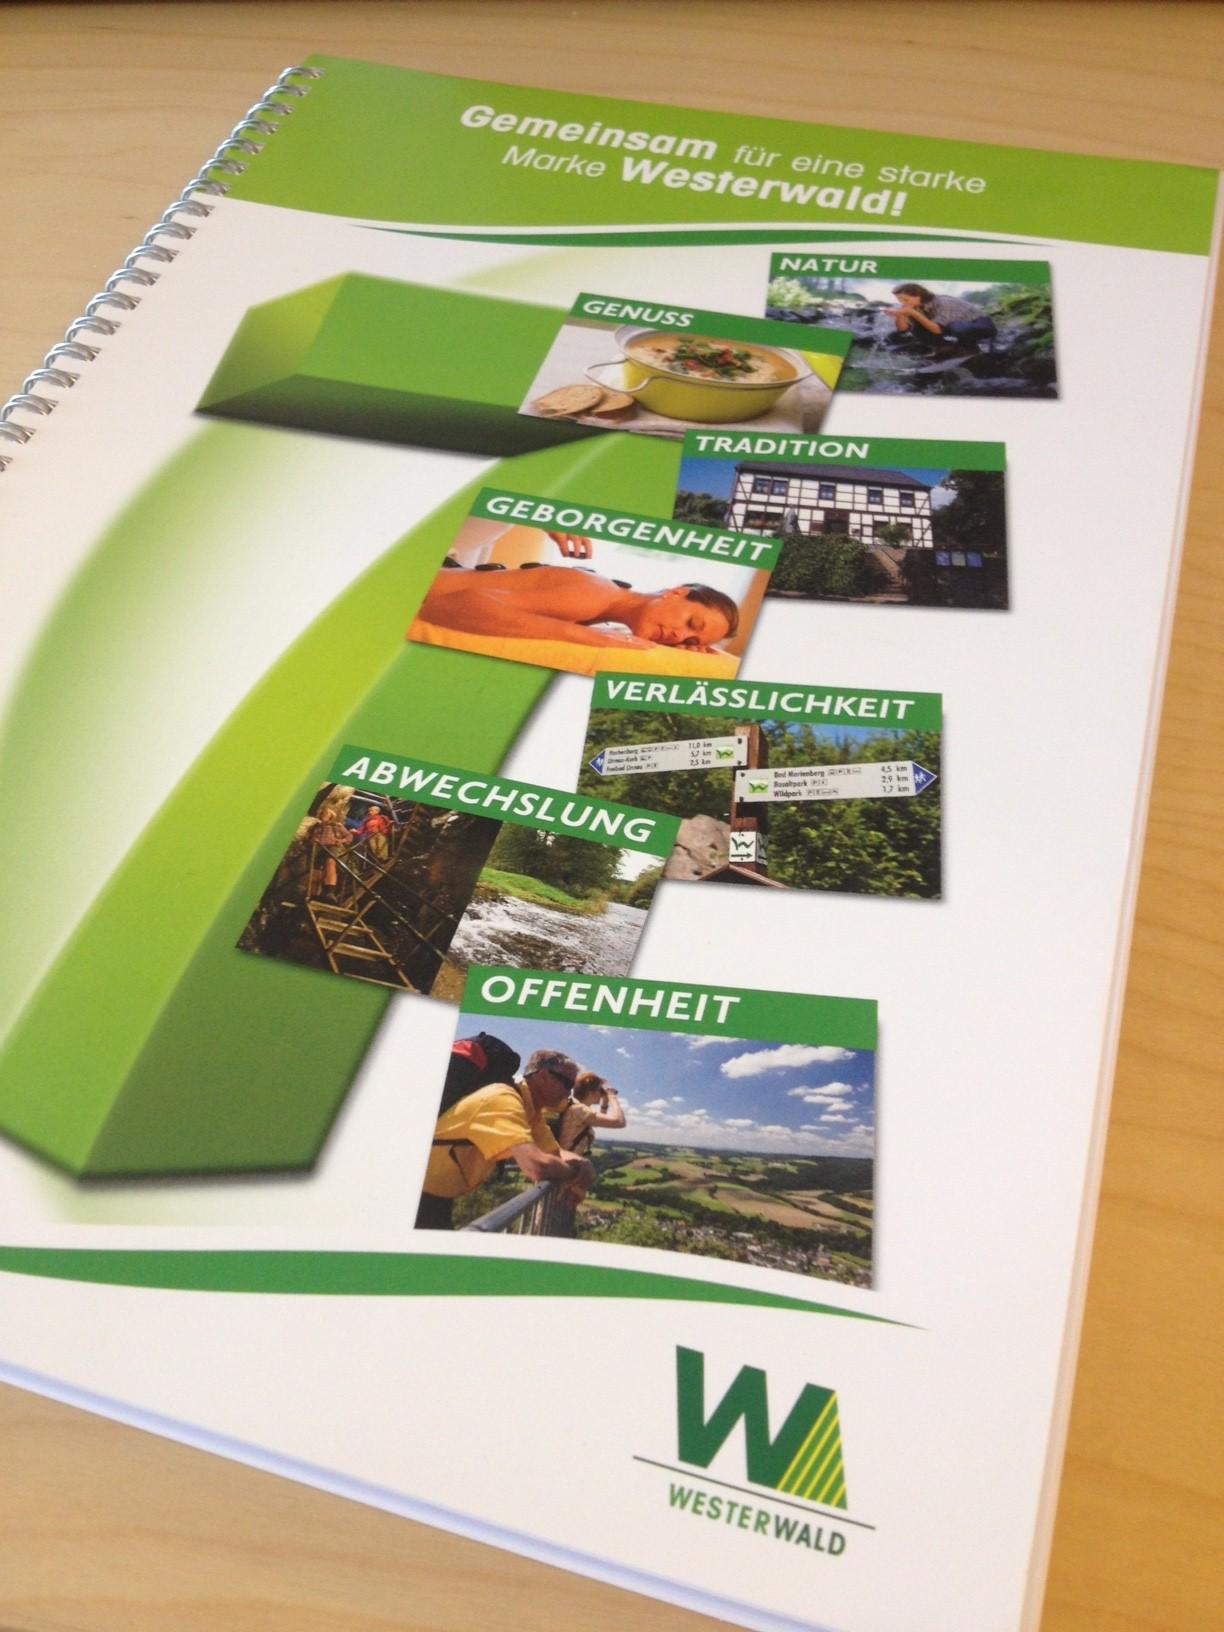 Die 7 Werte des Westerwaldes auf einem Ringblock visualisiert